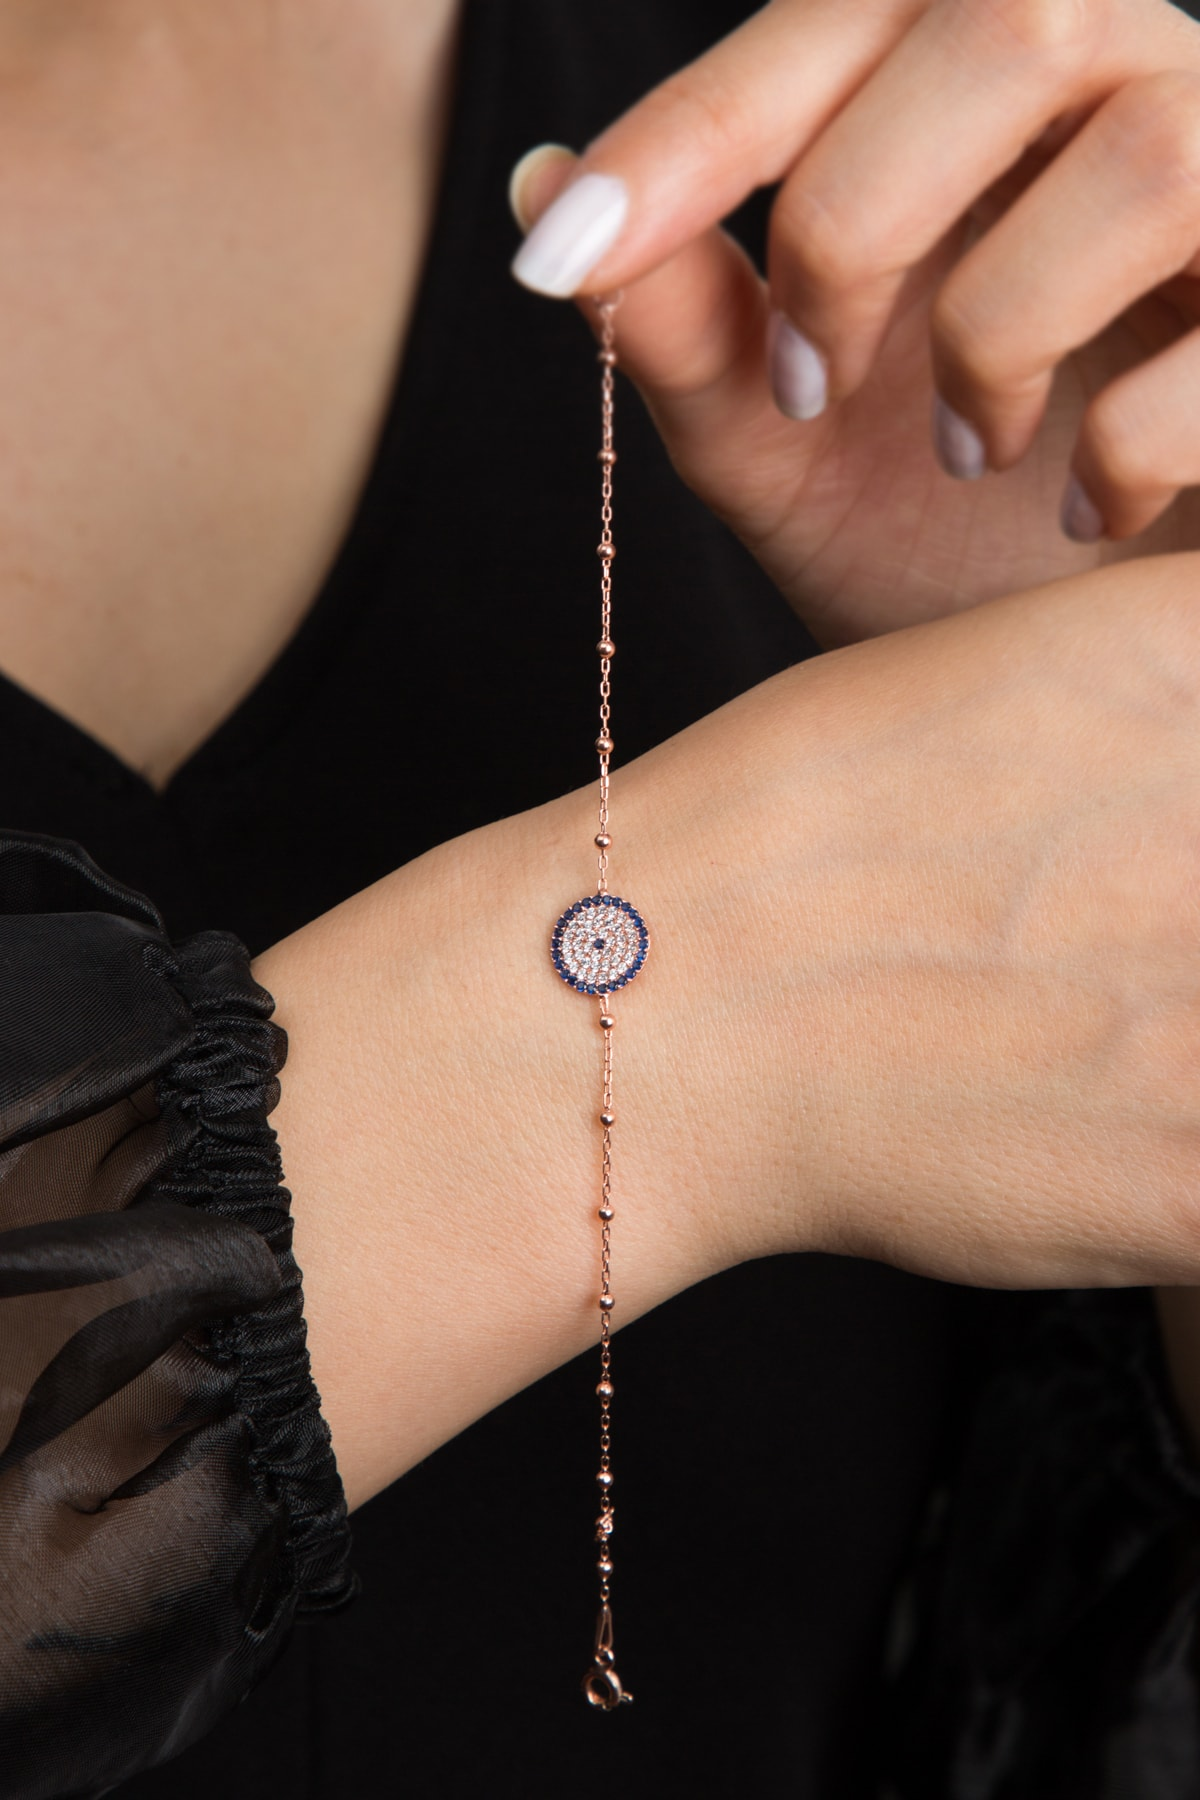 Elika Silver Kadın Nazar Model Rose Kaplama 925 Ayar Gümüş Bileklik 3